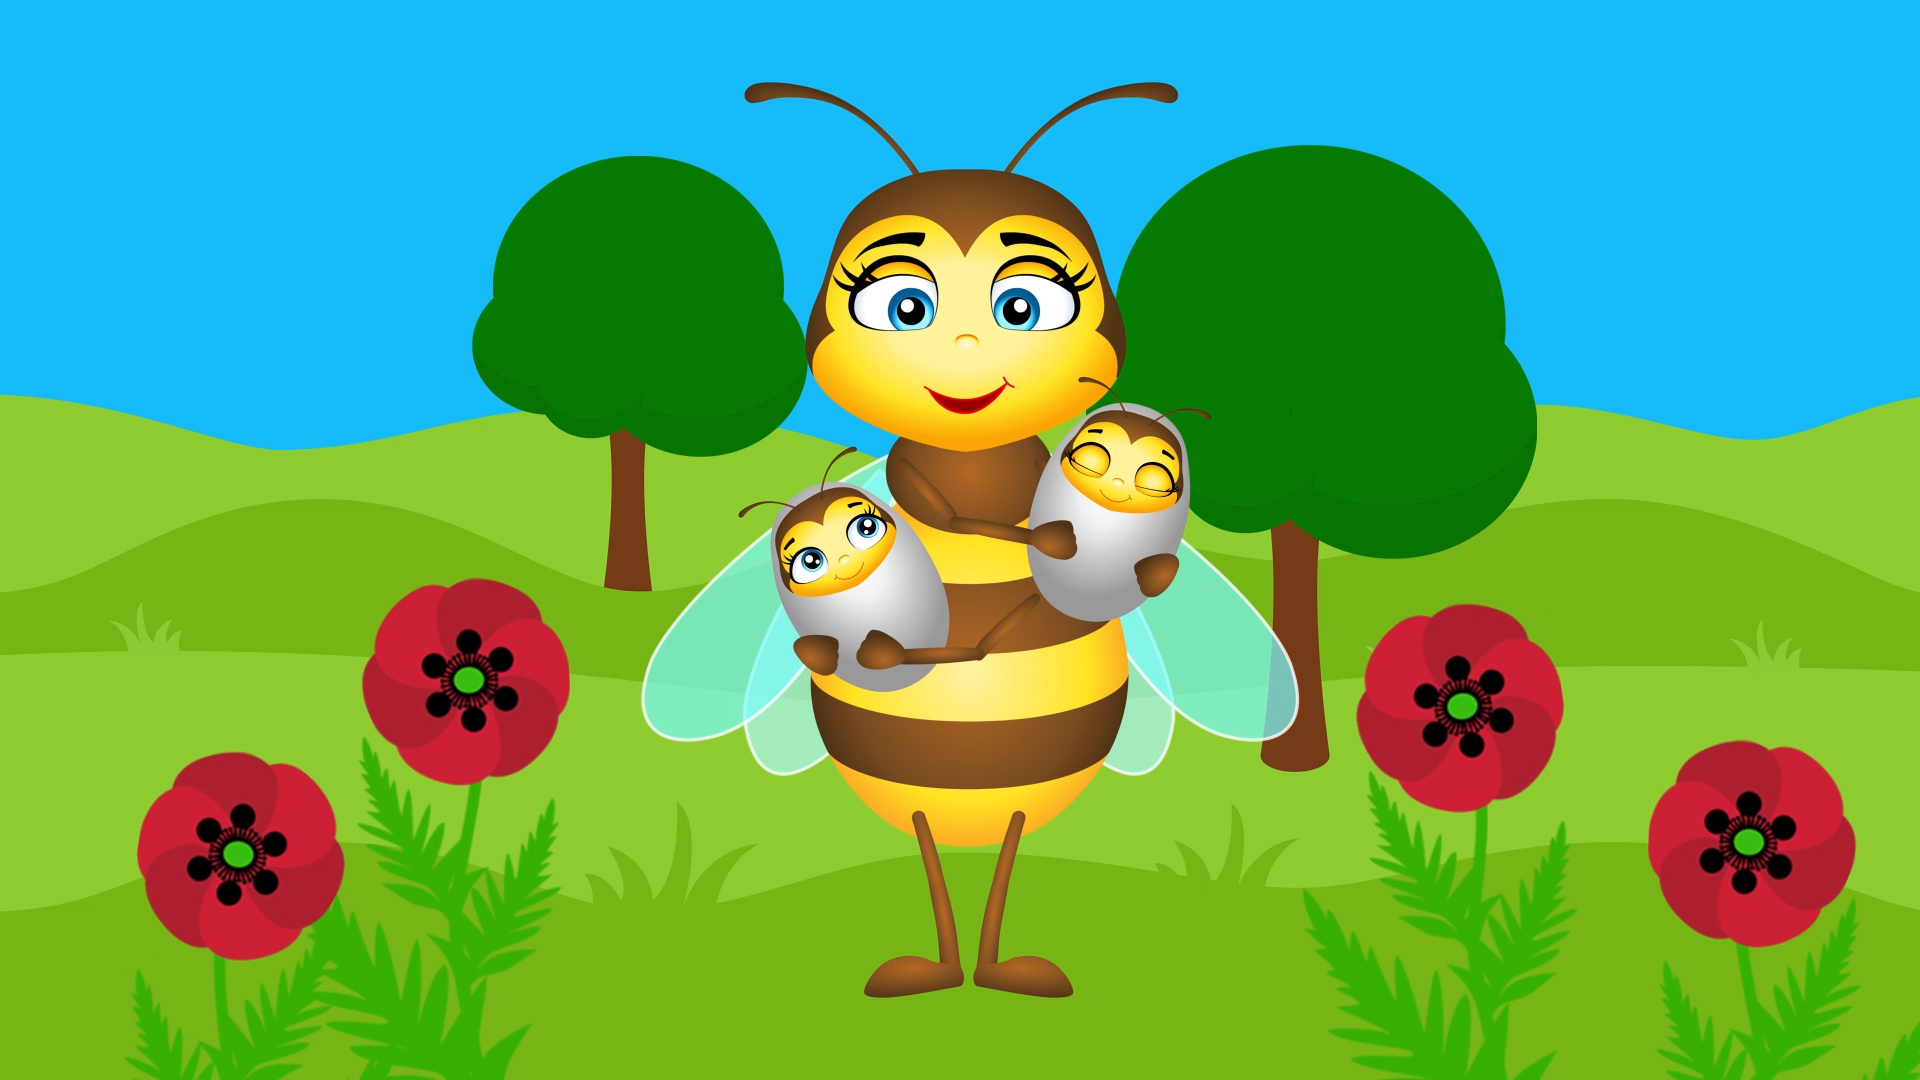 pszczola_film_edukacyjny